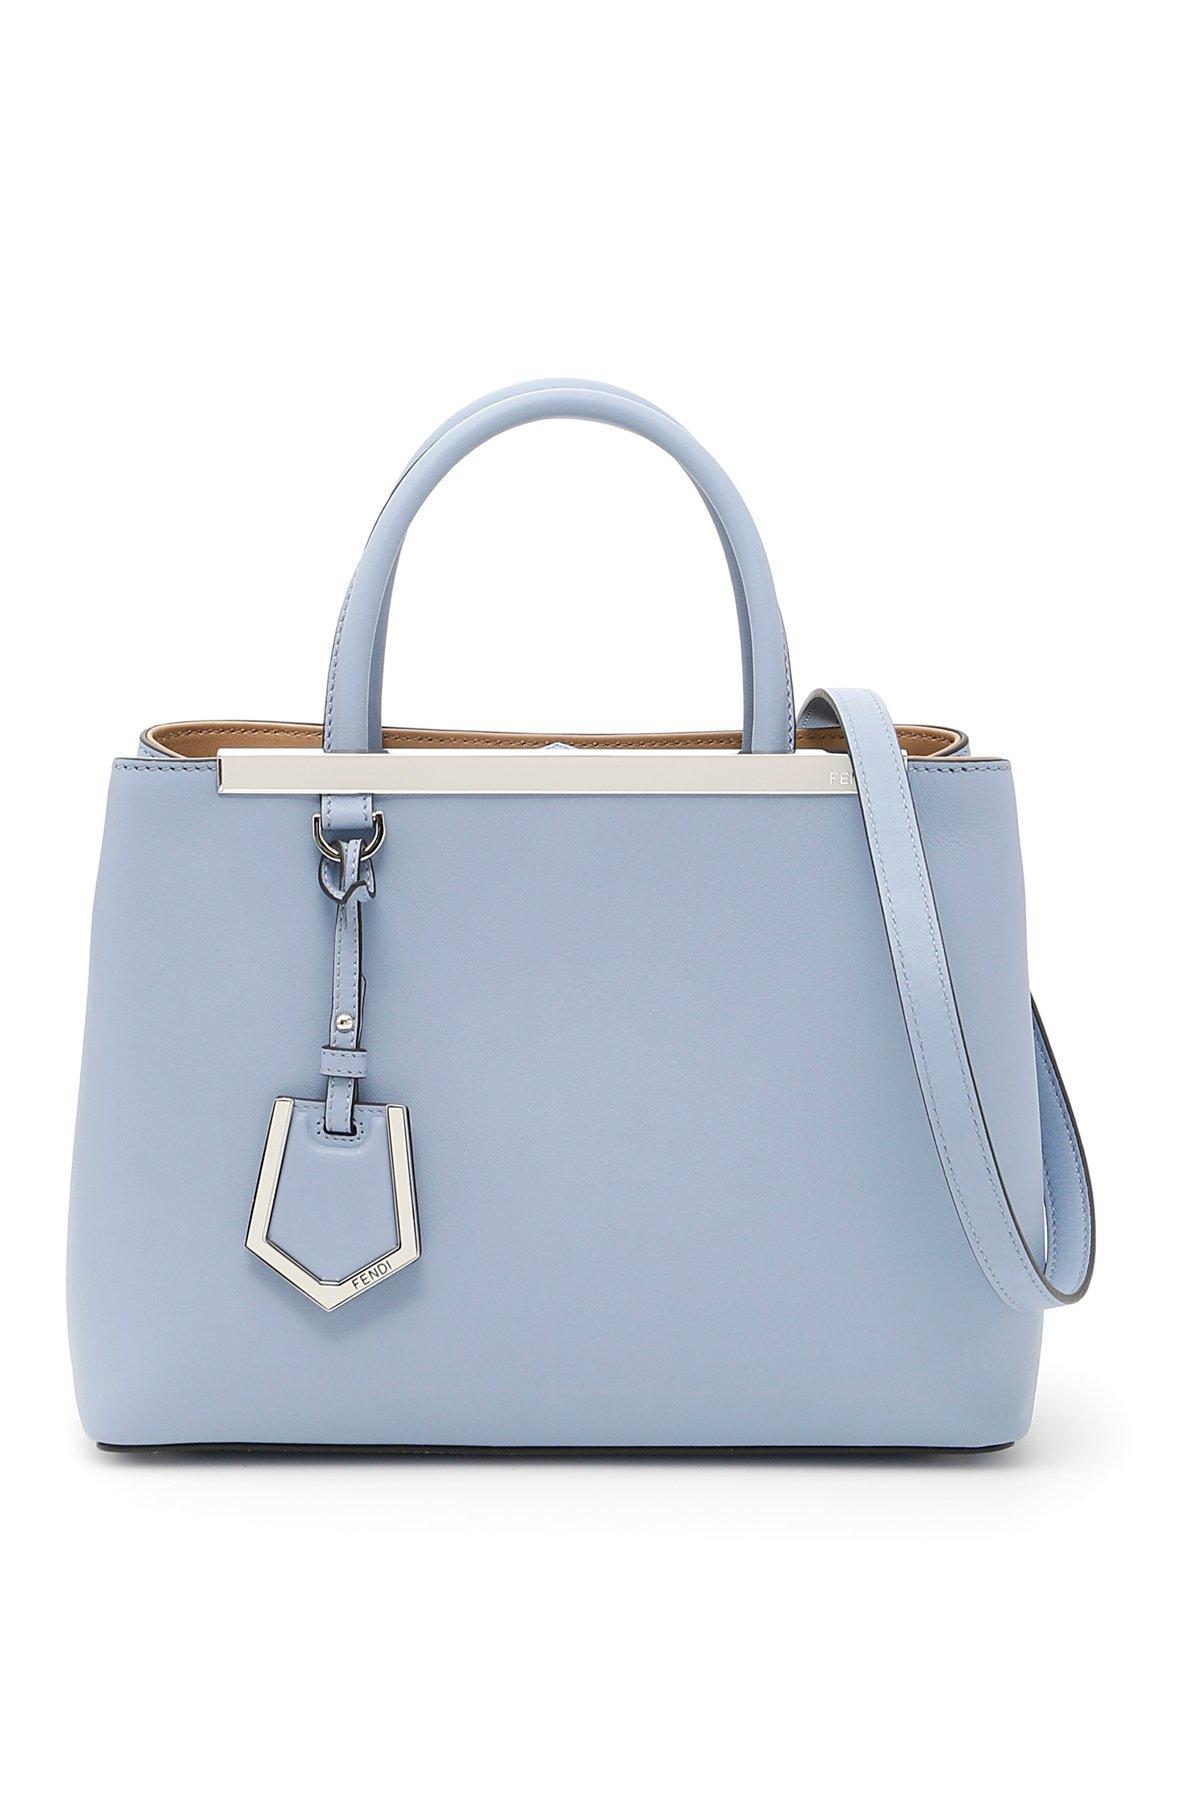 c47ace9a9a33 Fendi Petite 2Jours Tote Bag In Blue